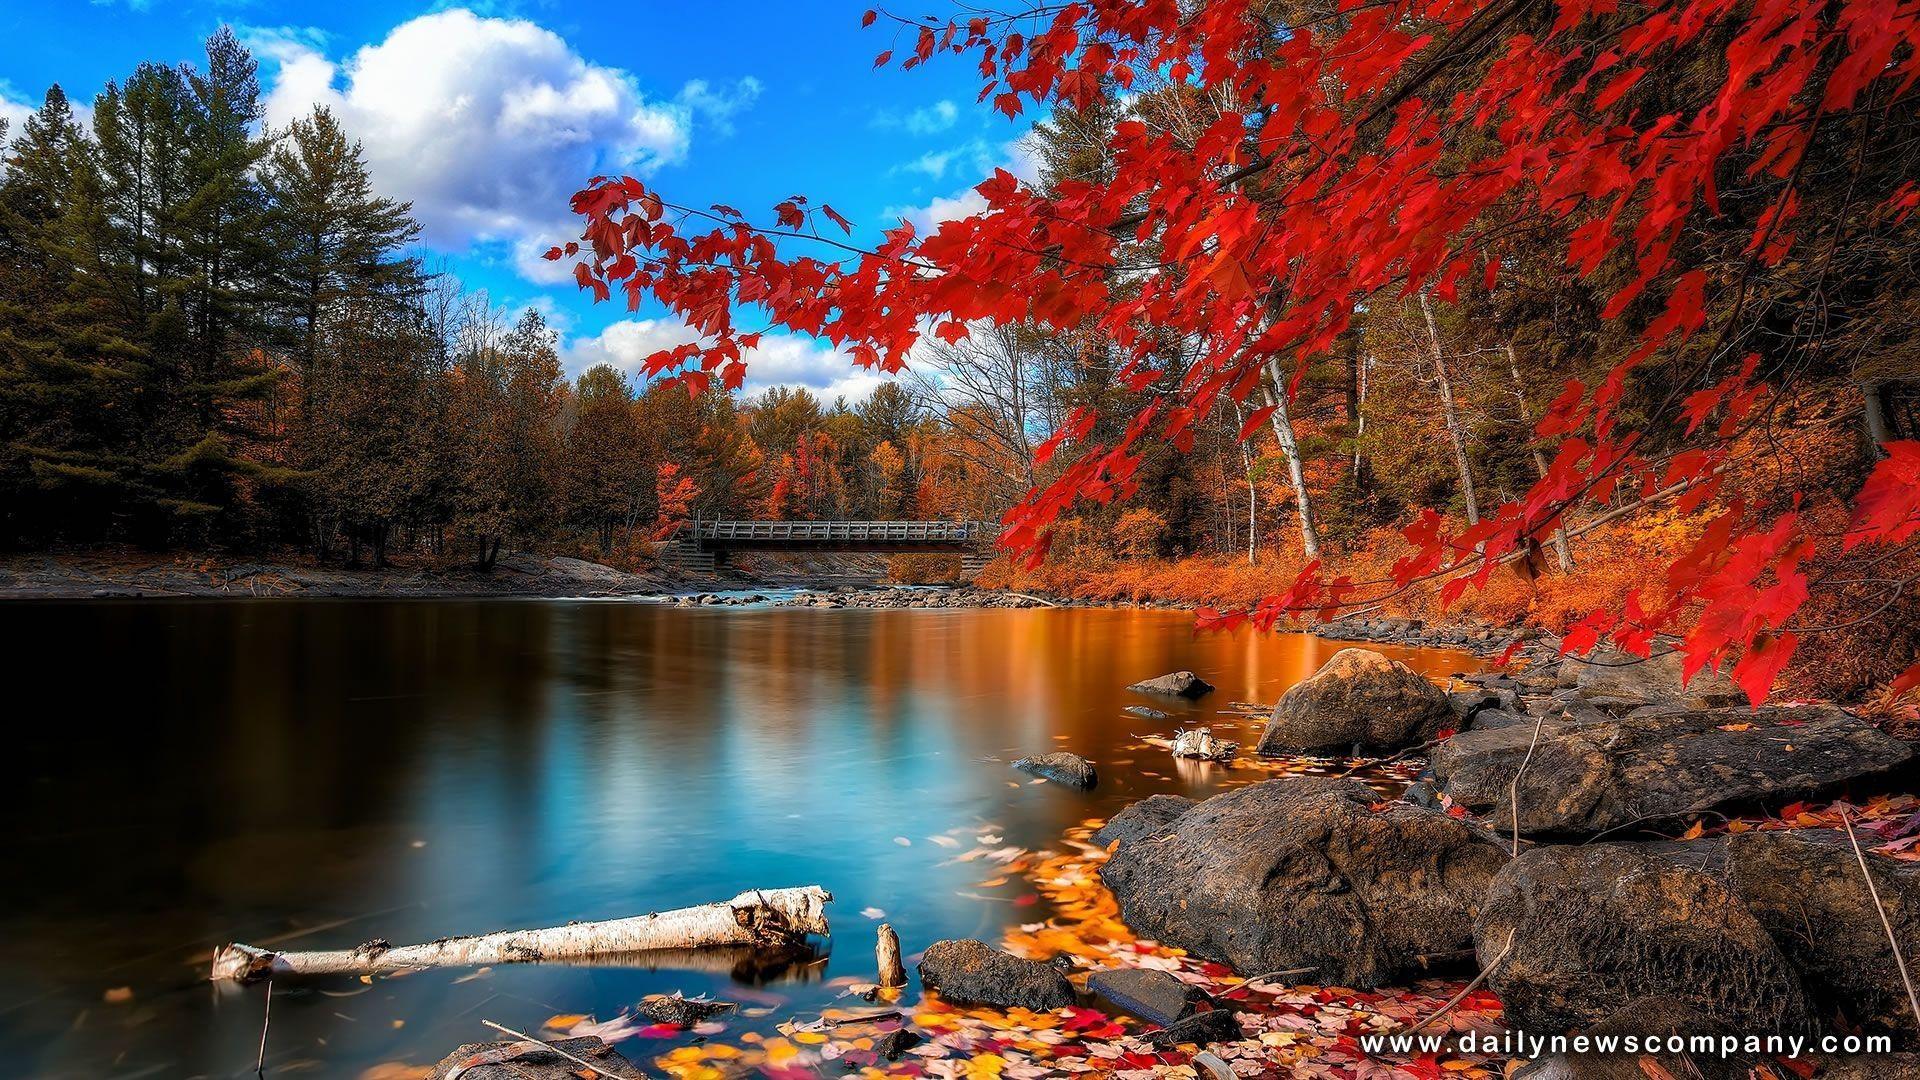 Autumn Scenes Desktop Wallpapers Top Free Autumn Scenes Desktop Backgrounds Wallpaperaccess